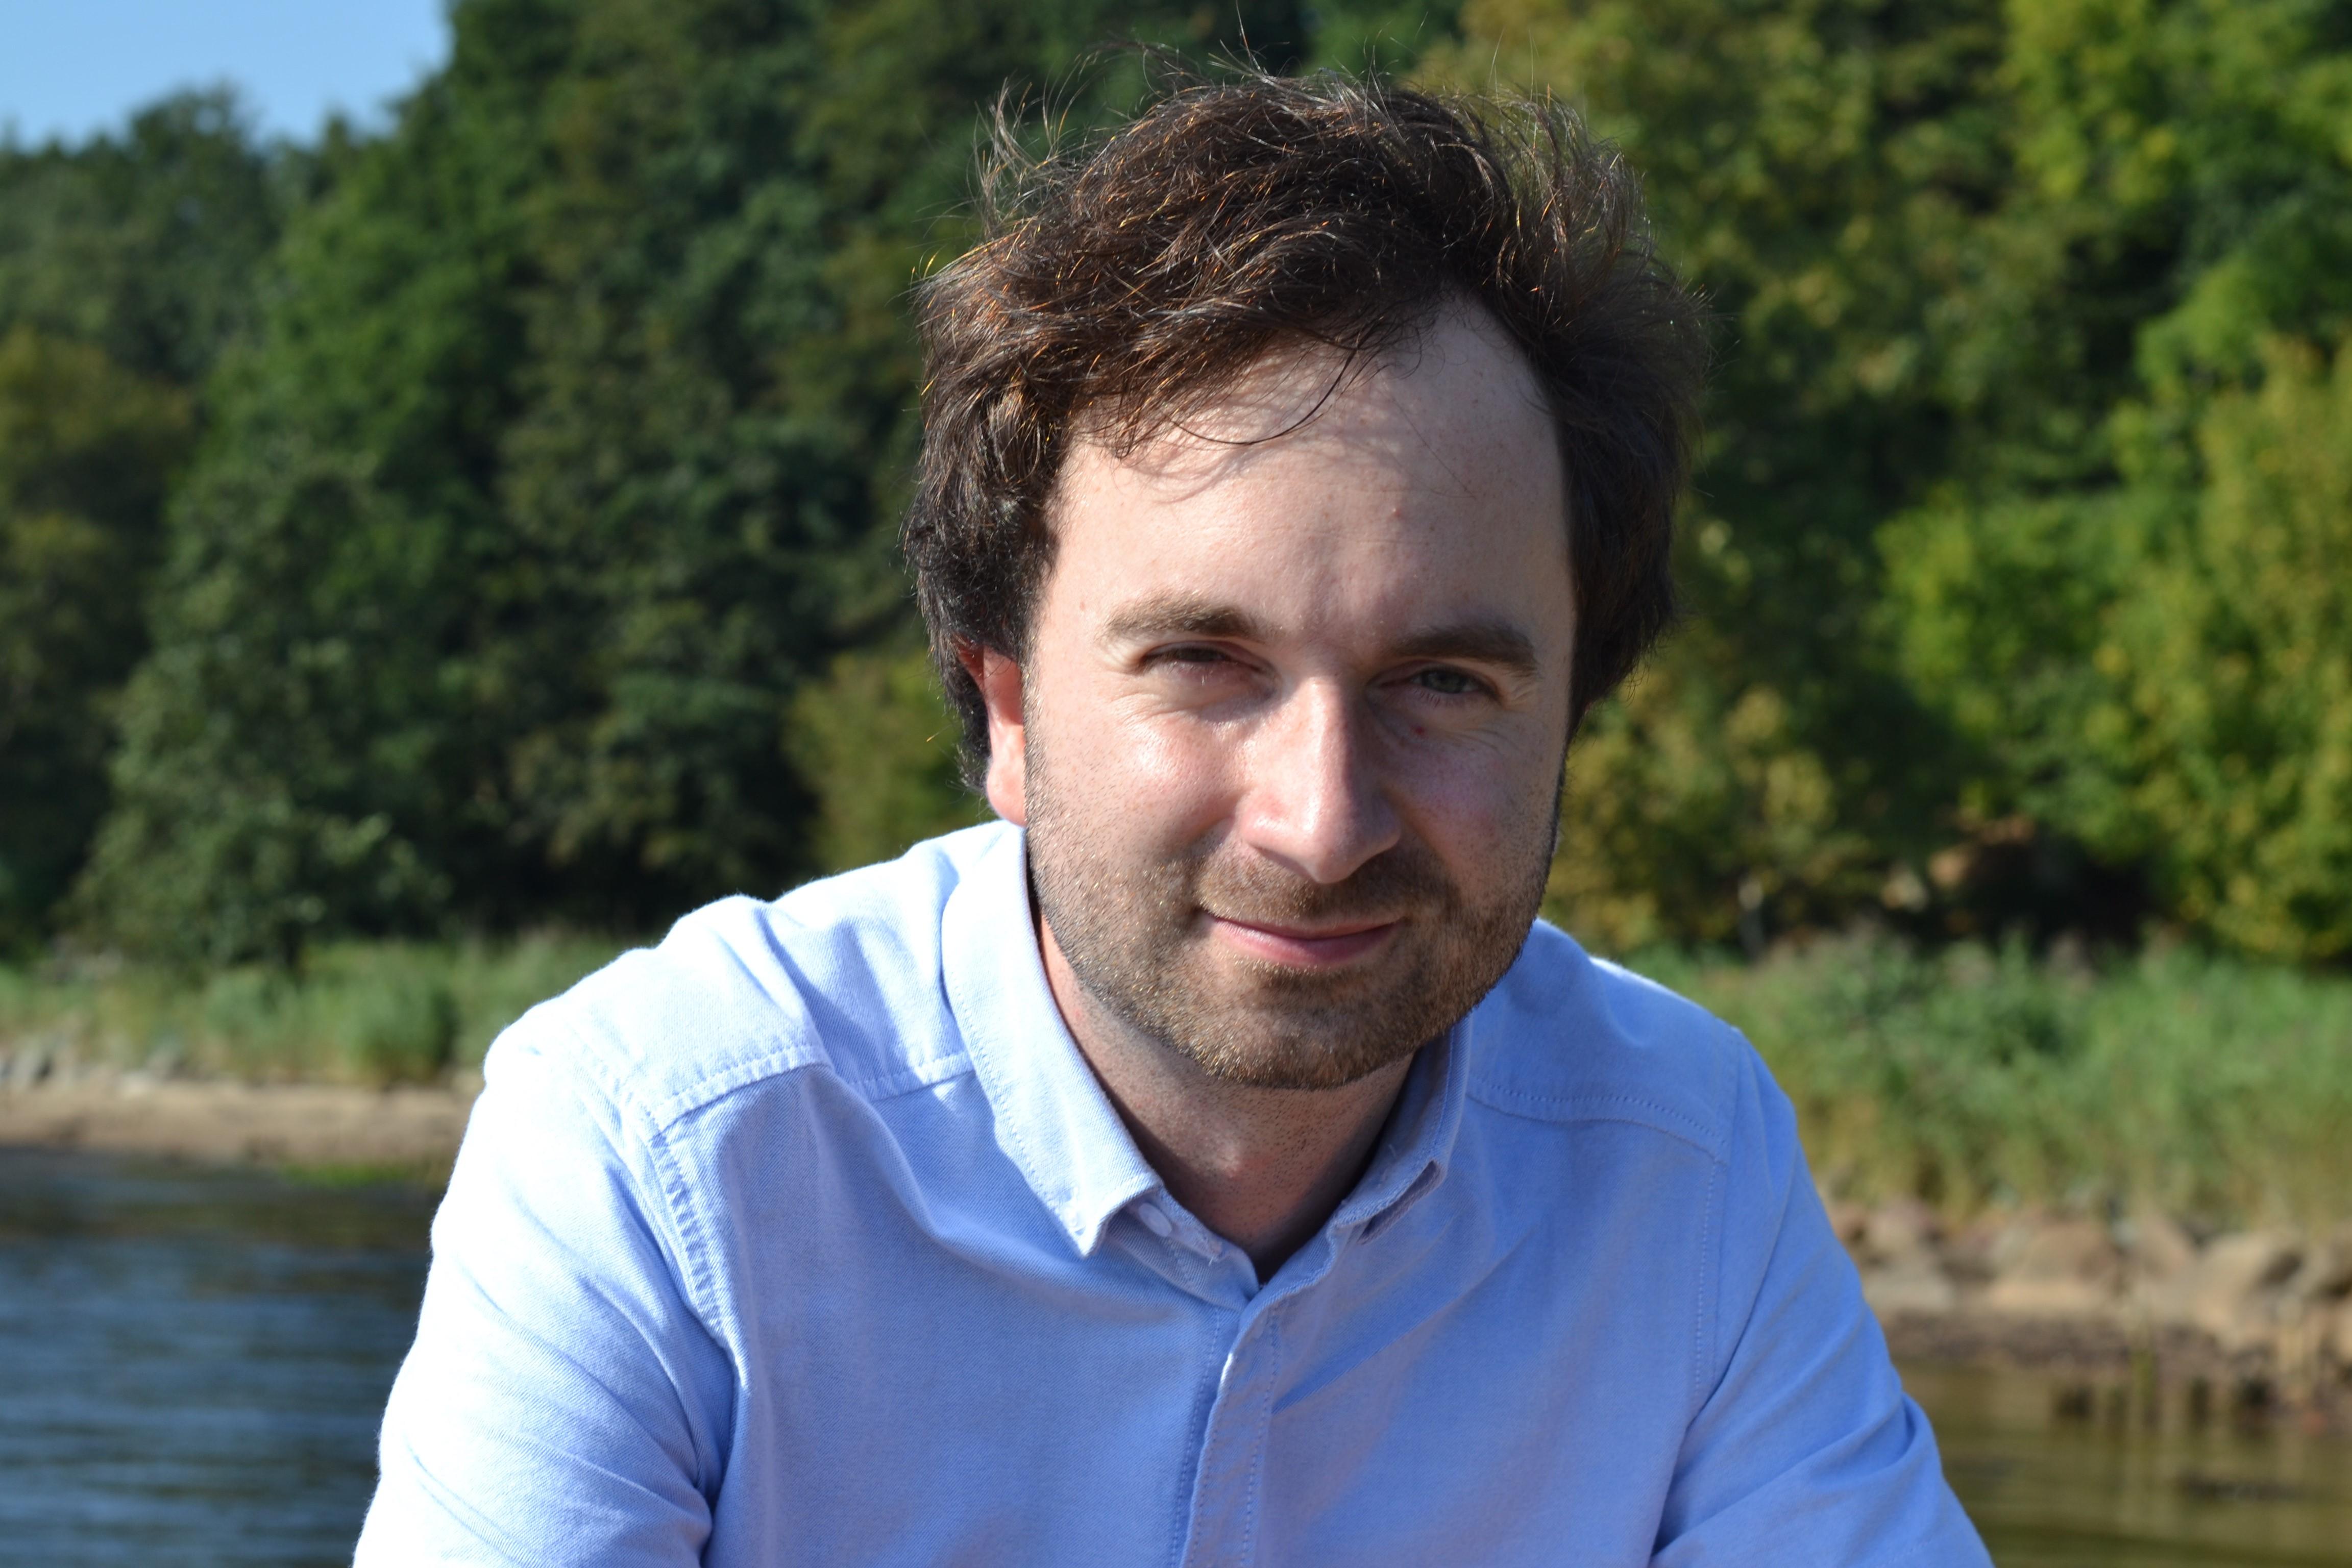 Jörg Schullehner